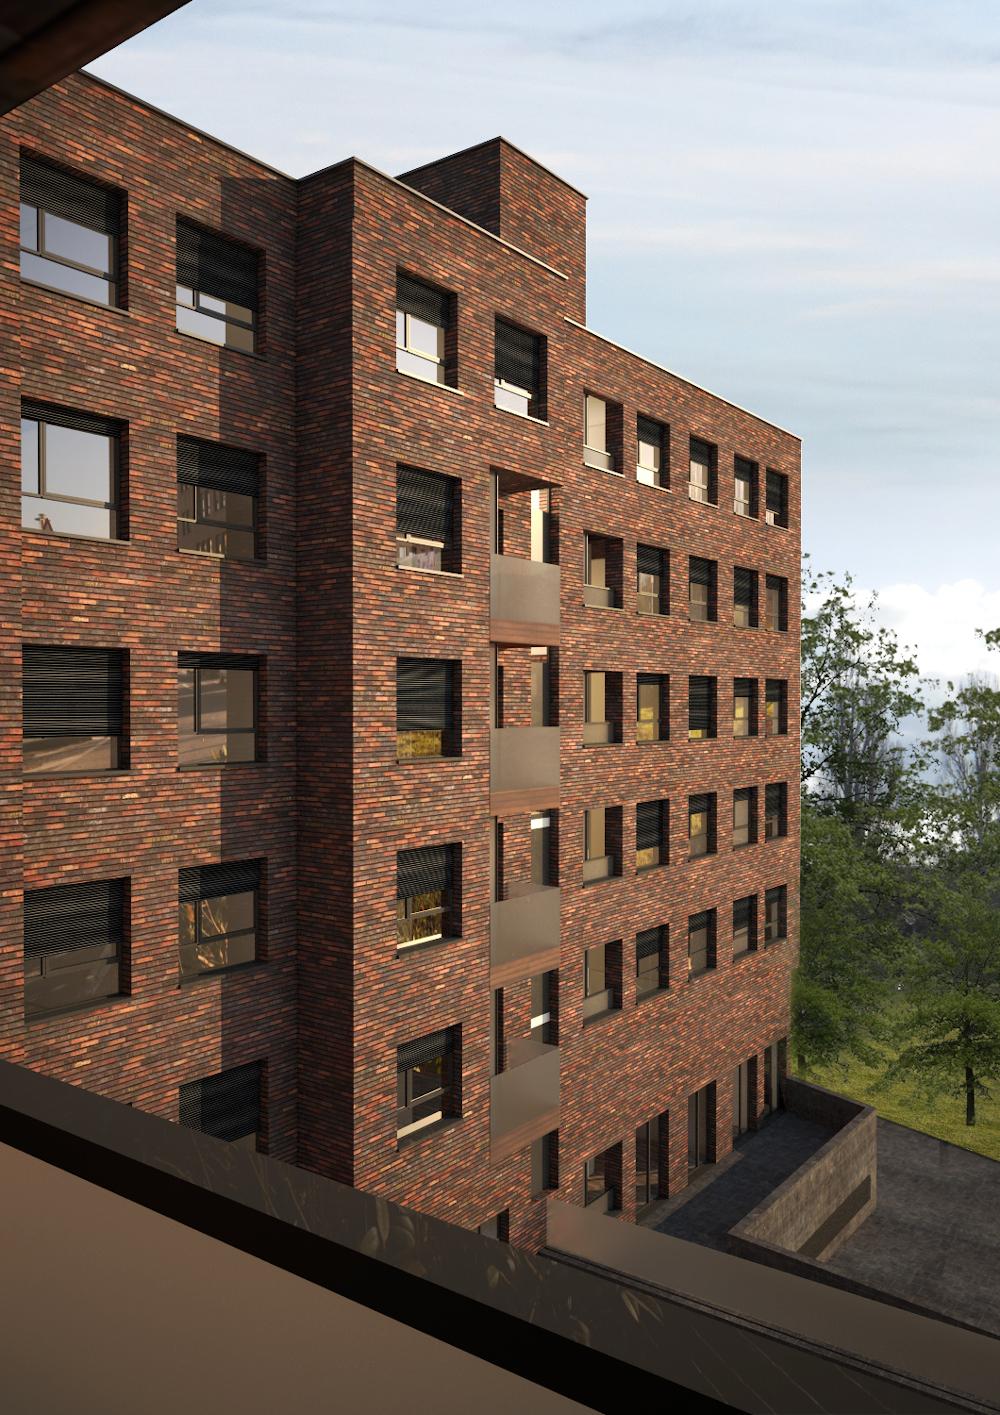 Comprar piso de obra nueva en Abetxuko